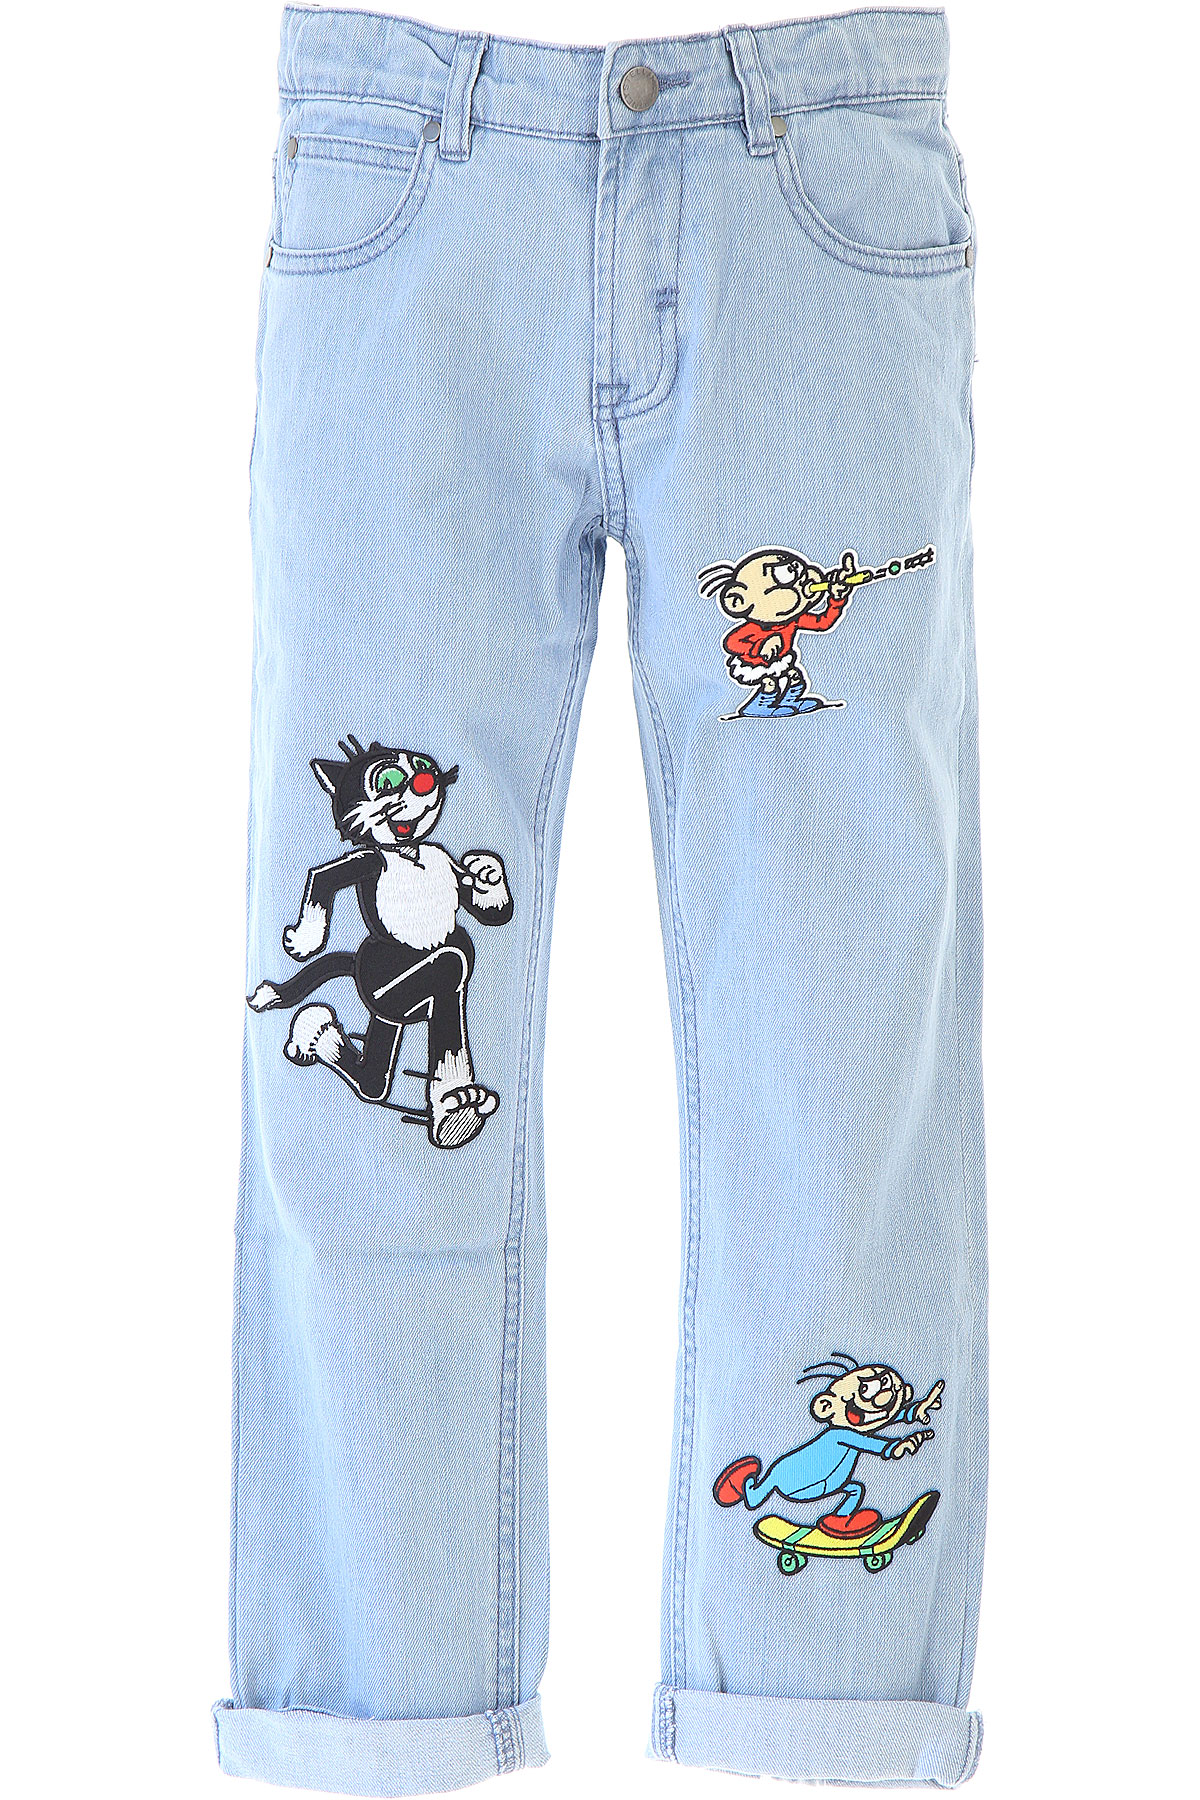 Stella McCartney Kids Jeans for Boys, Blue Denim, Cotton, 2017, 10Y 14Y 16Y 4Y 8Y USA-467565